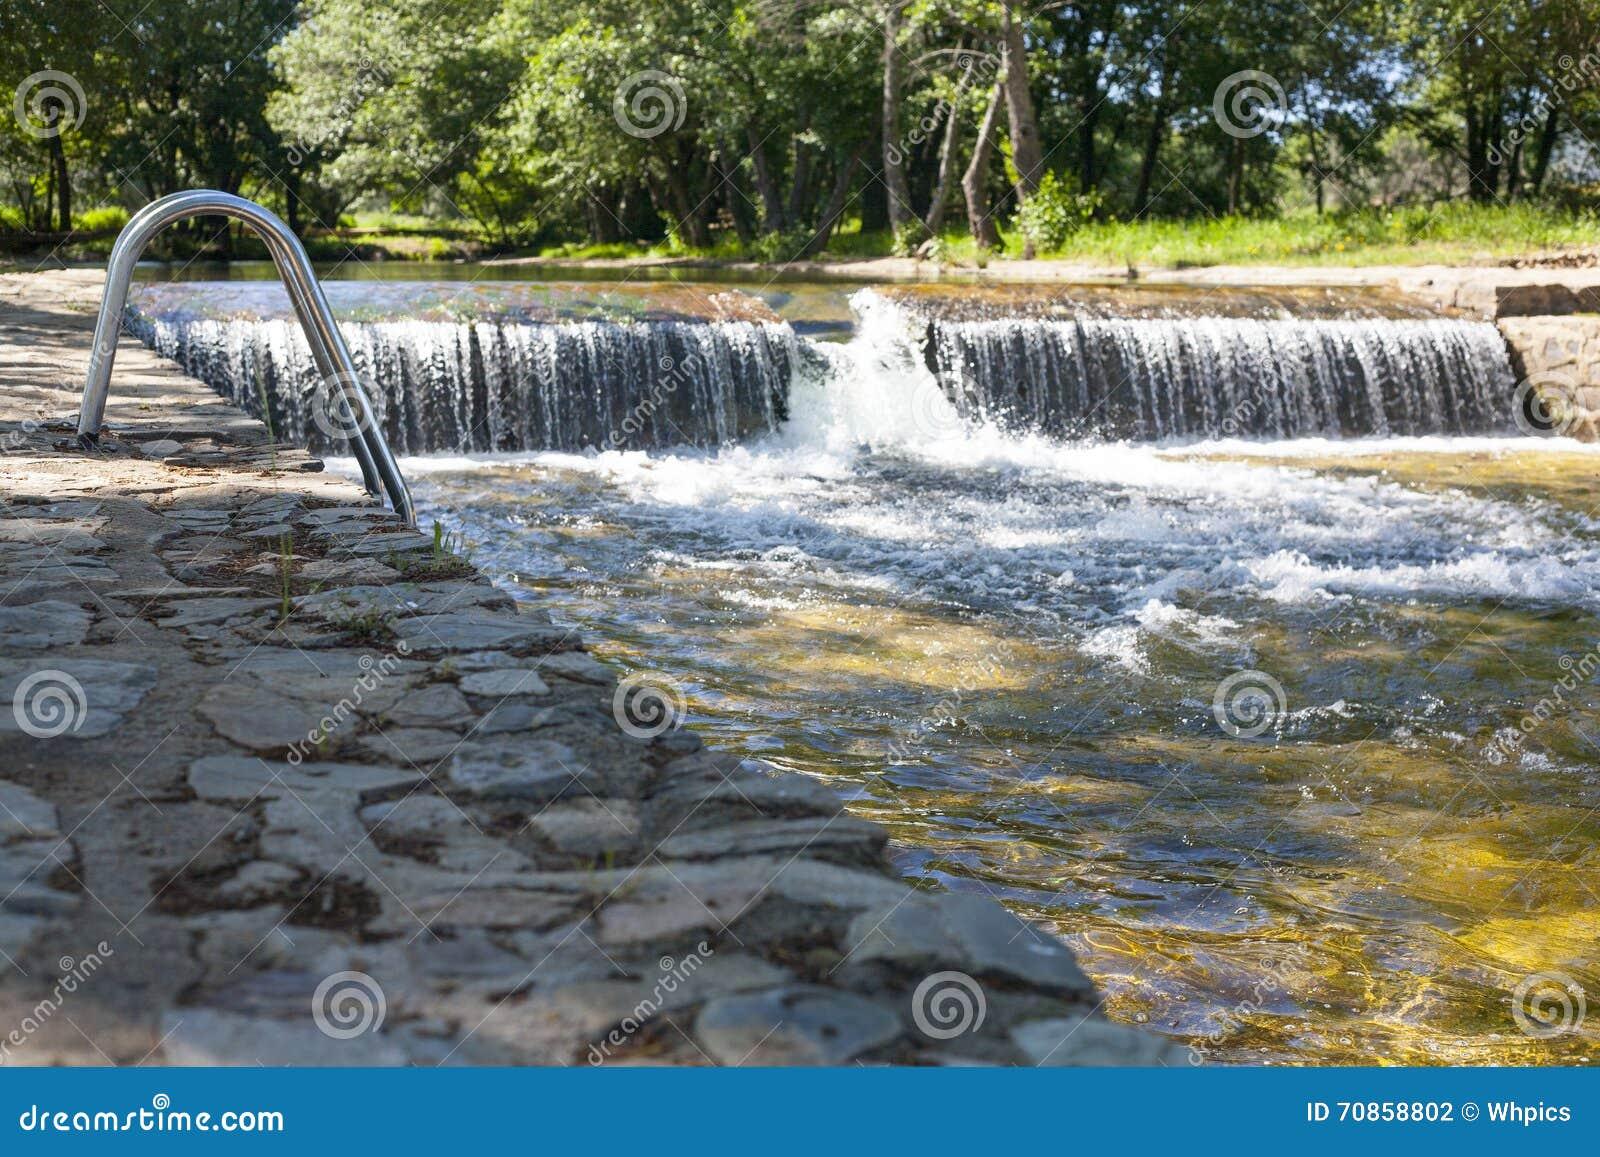 Piscinas naturales la codosera foto de archivo imagen for Piscinas naturales juan adalid